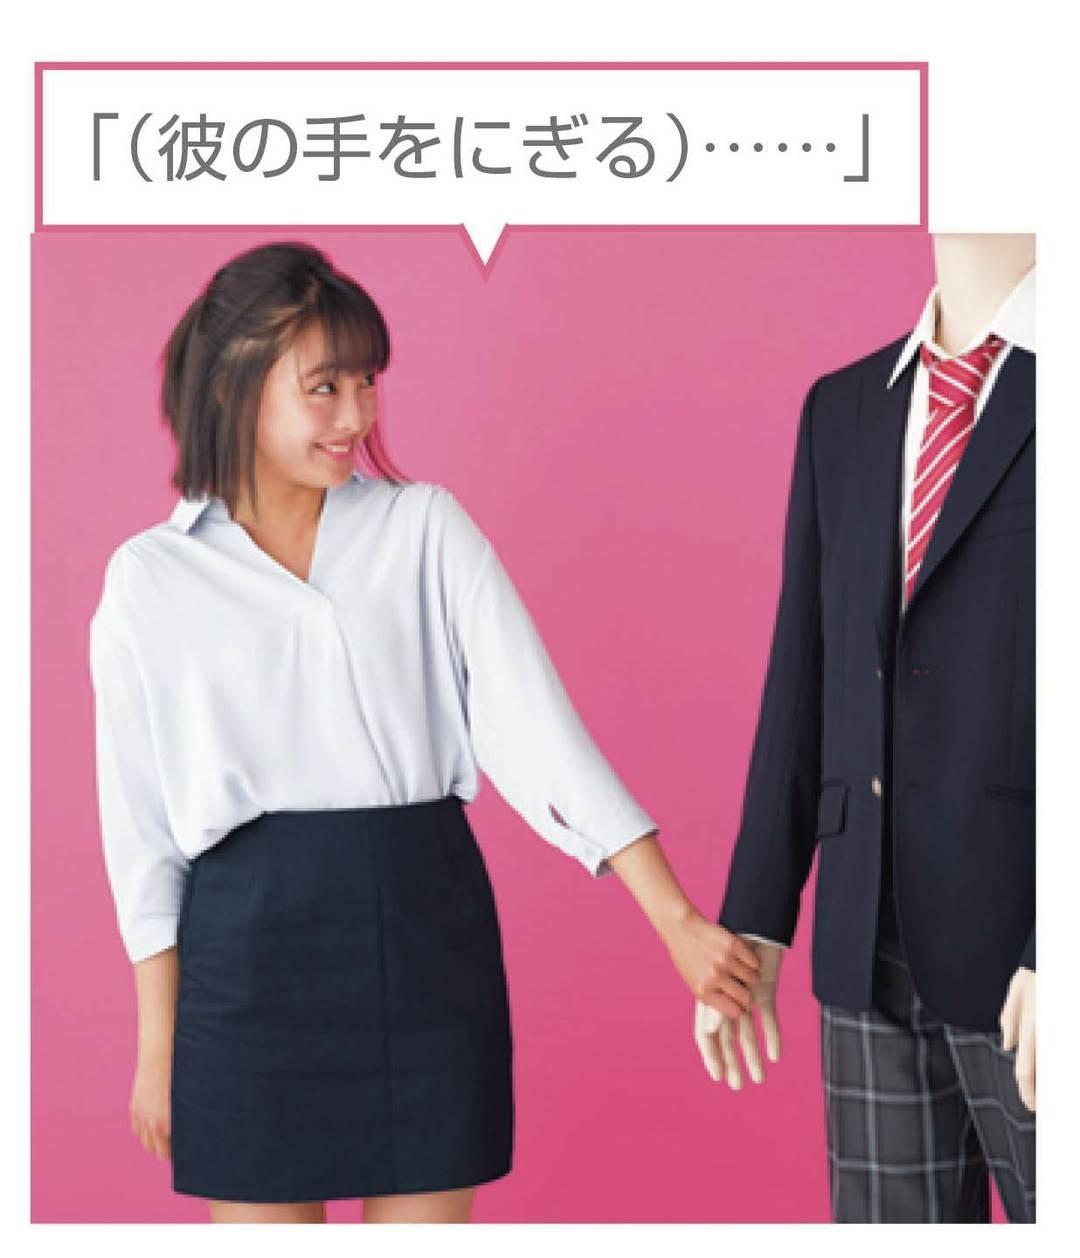 第4位は、モーソー力は現実に生かせず!? 大友花恋ちゃん